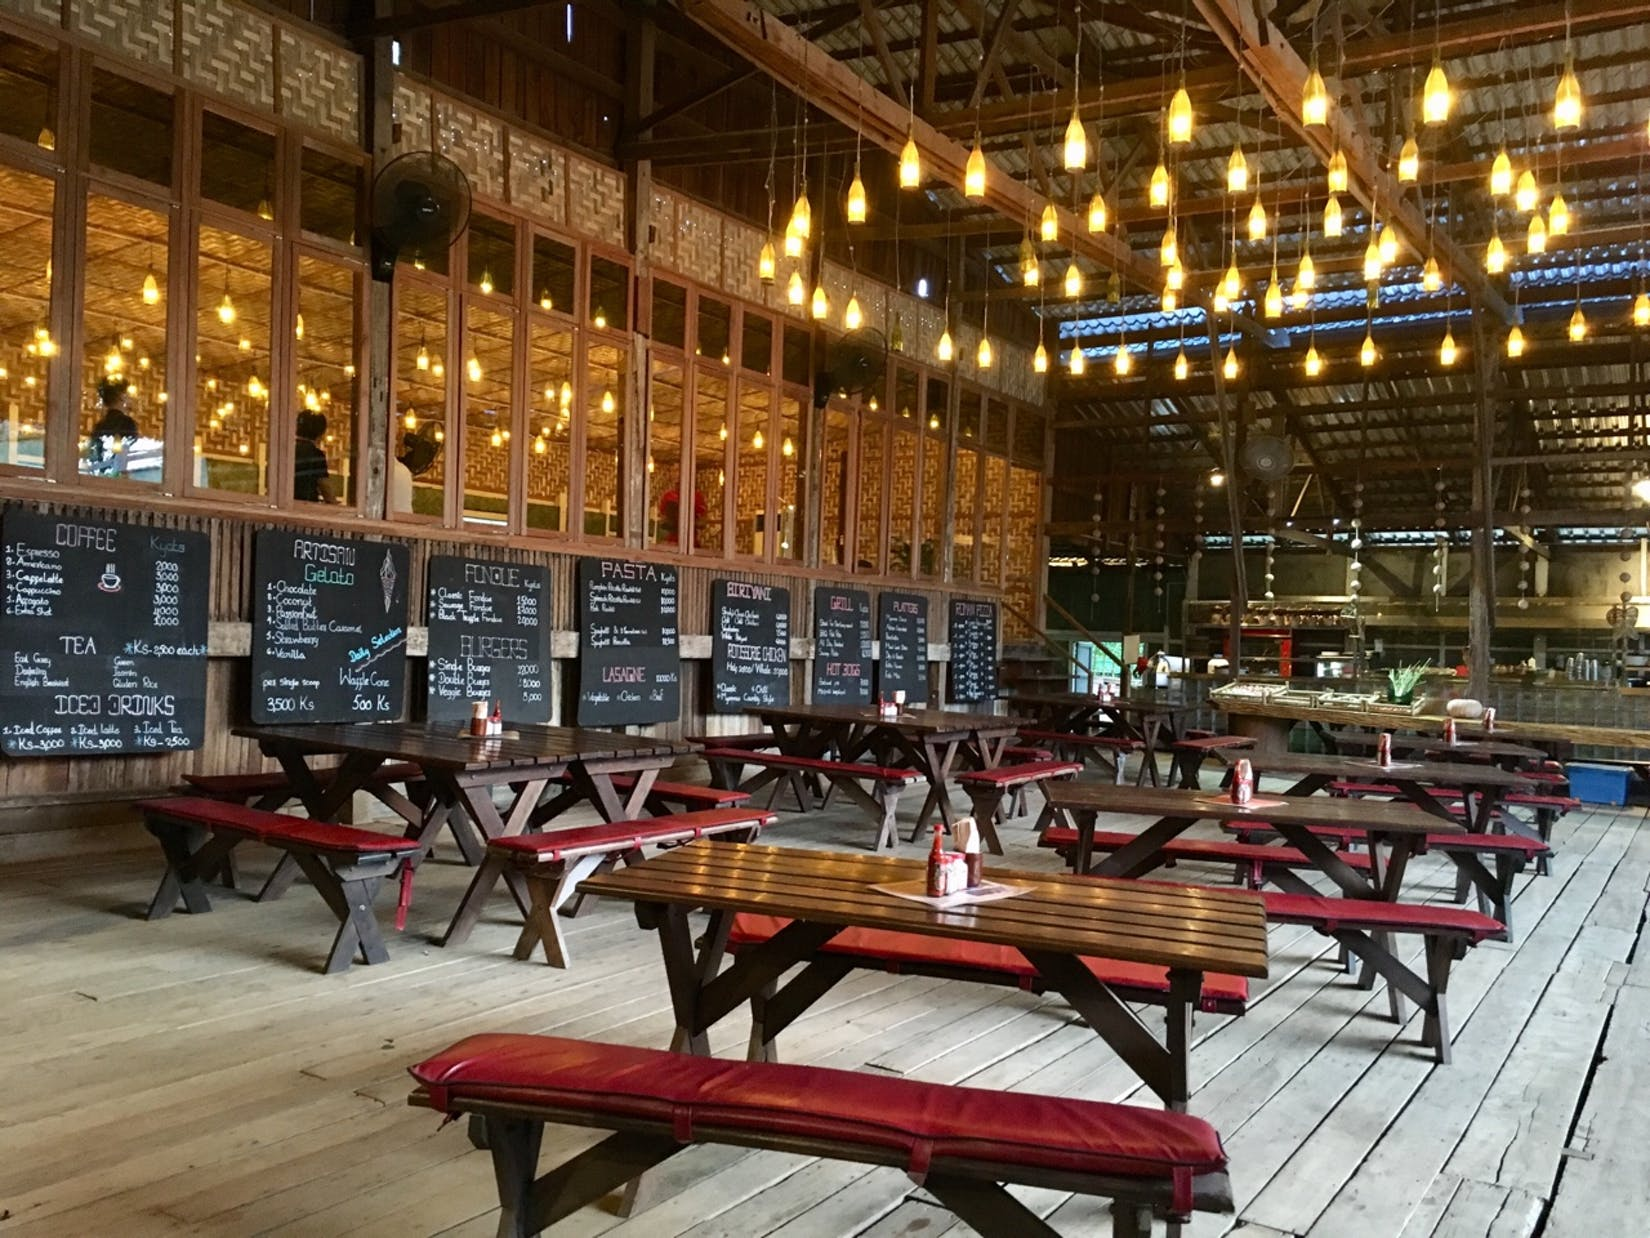 Sharky's Bagan deli and café | yathar